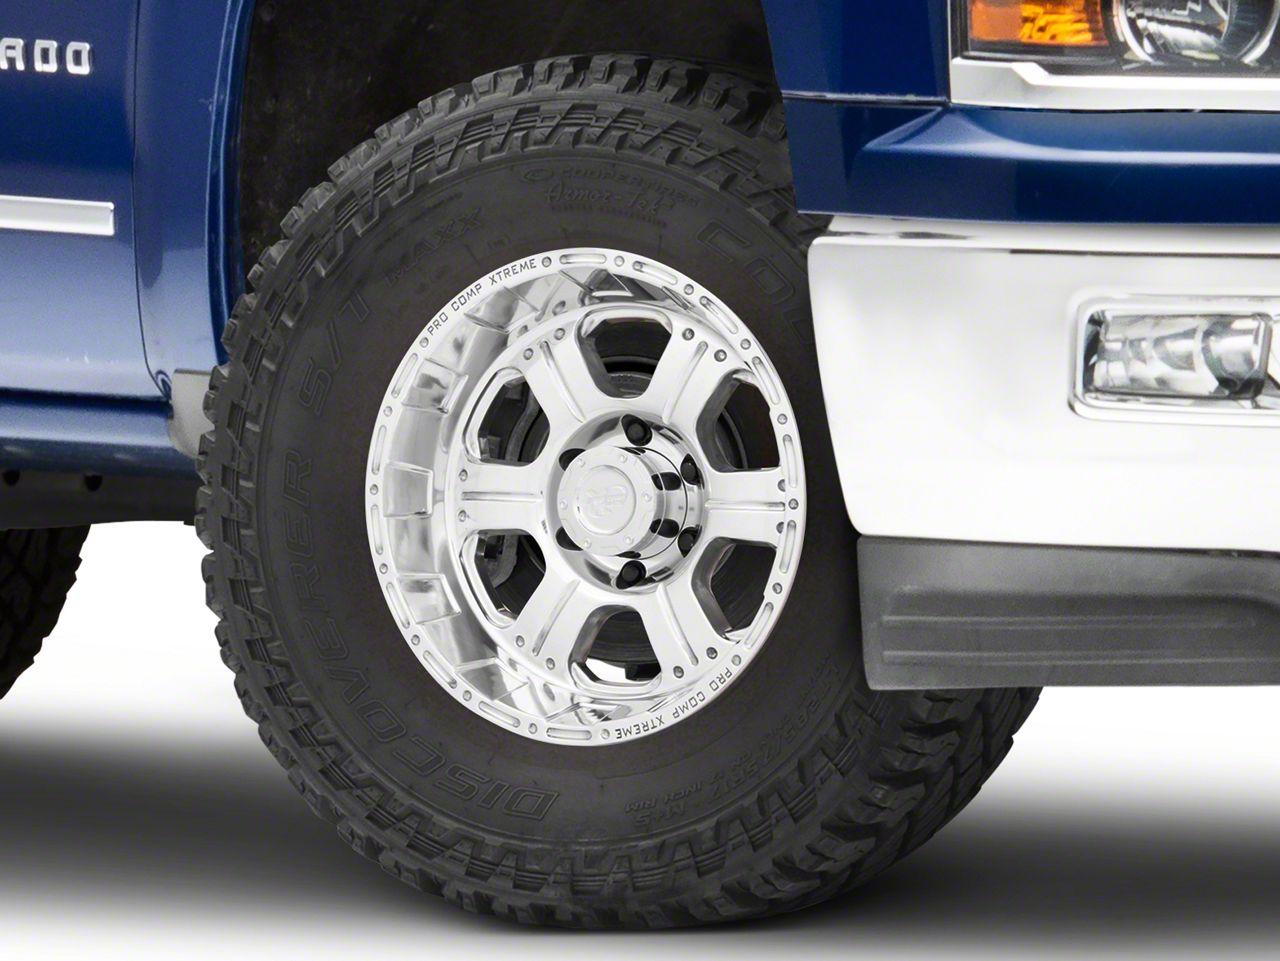 Pro Comp Series 1089 Polished 6-Lug Wheel - 17x9 (99-18 Silverado 1500)